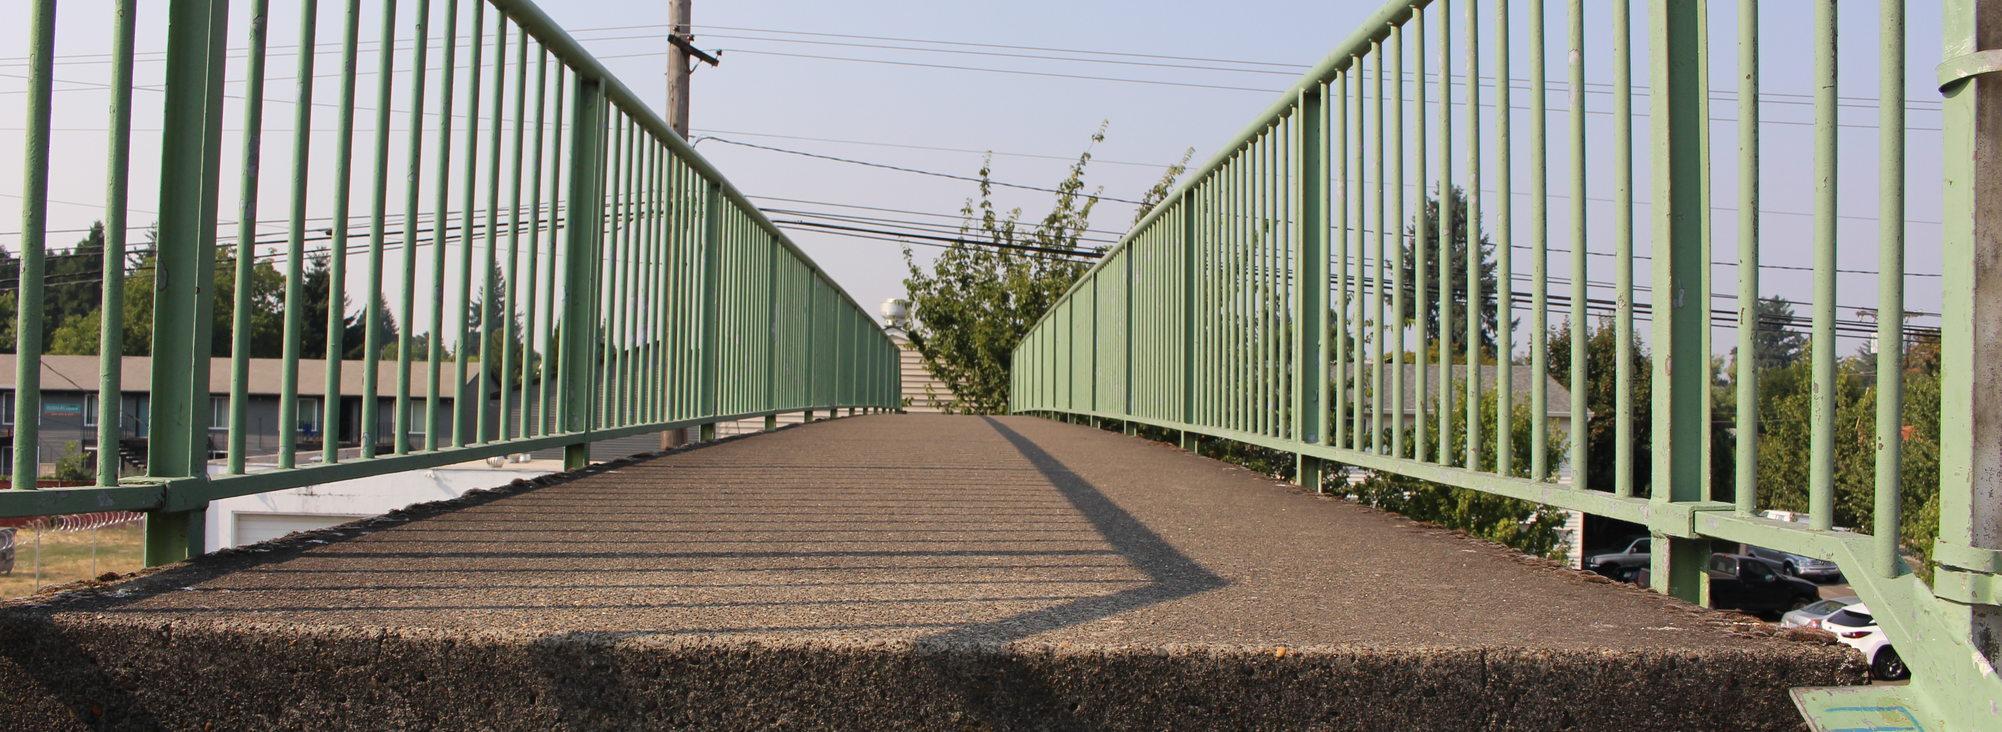 pedestrian overpass bridge in the Jade District